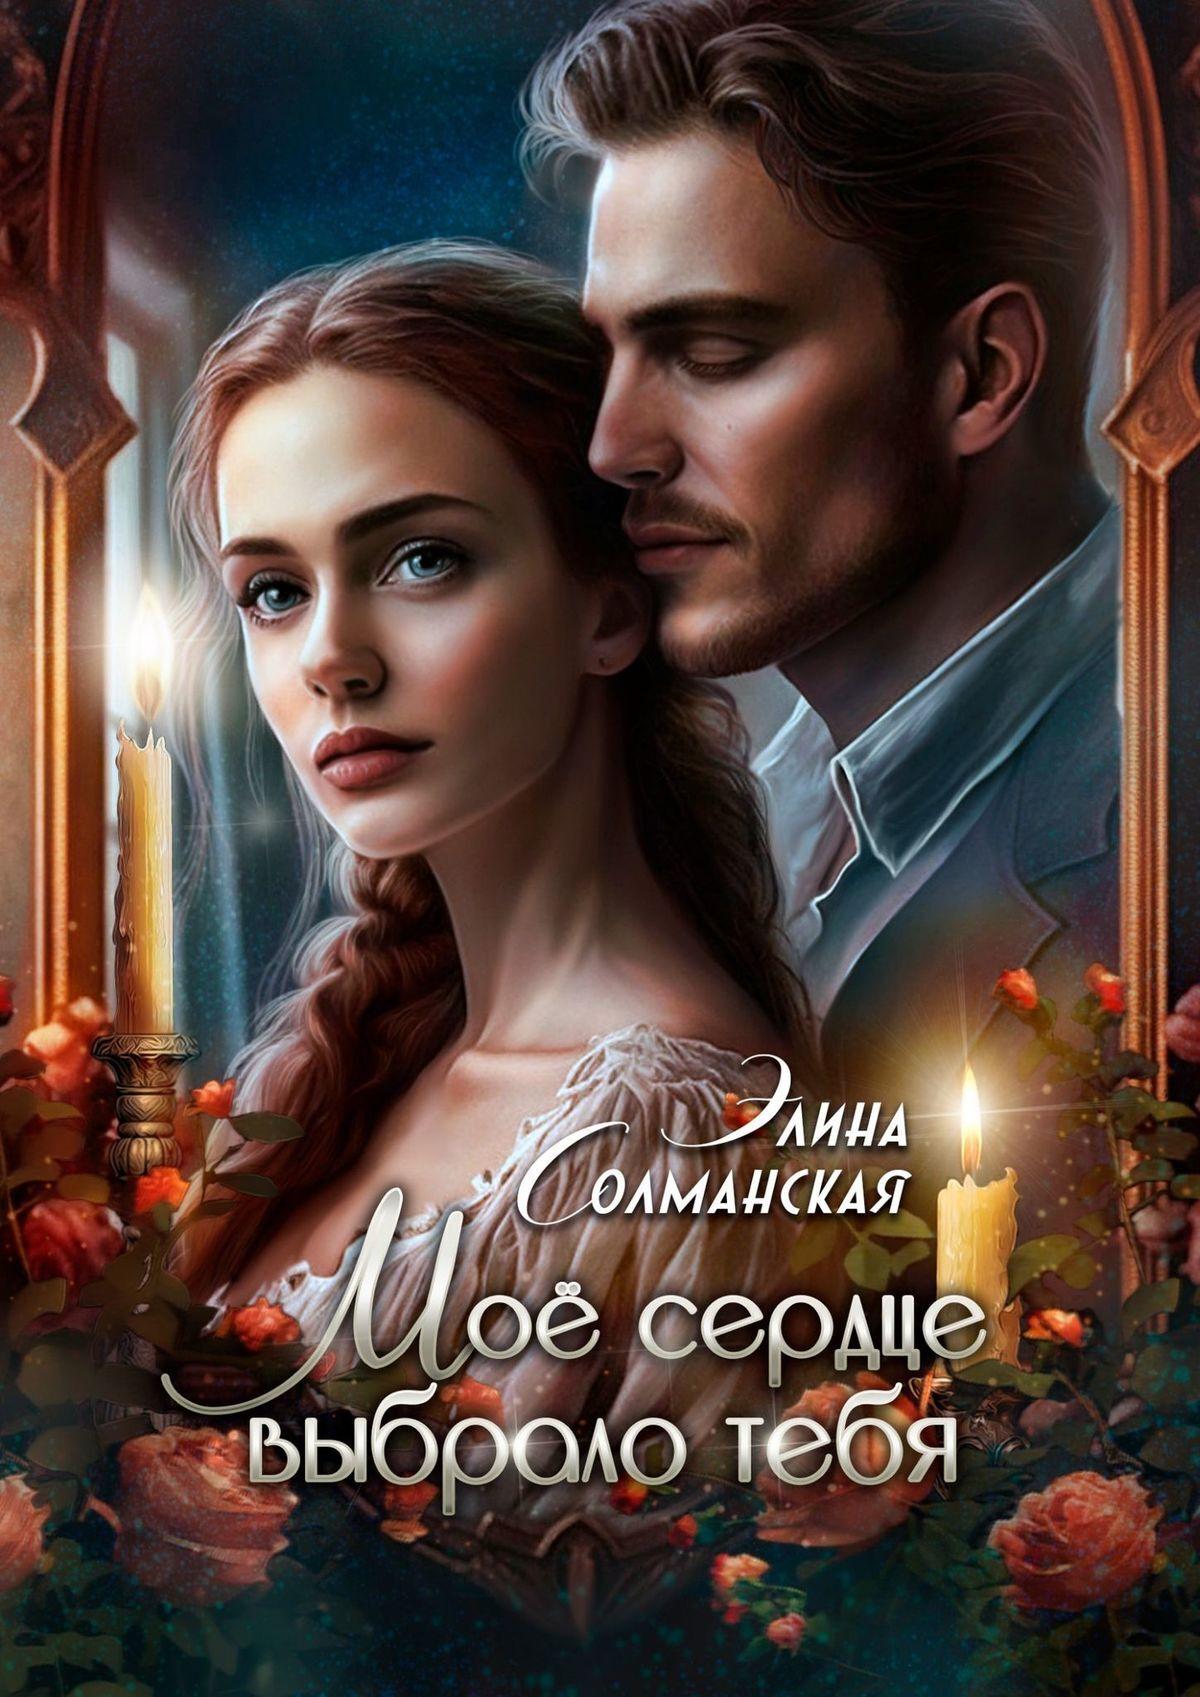 Моё сердце выбрало тебя_Элина Солманская